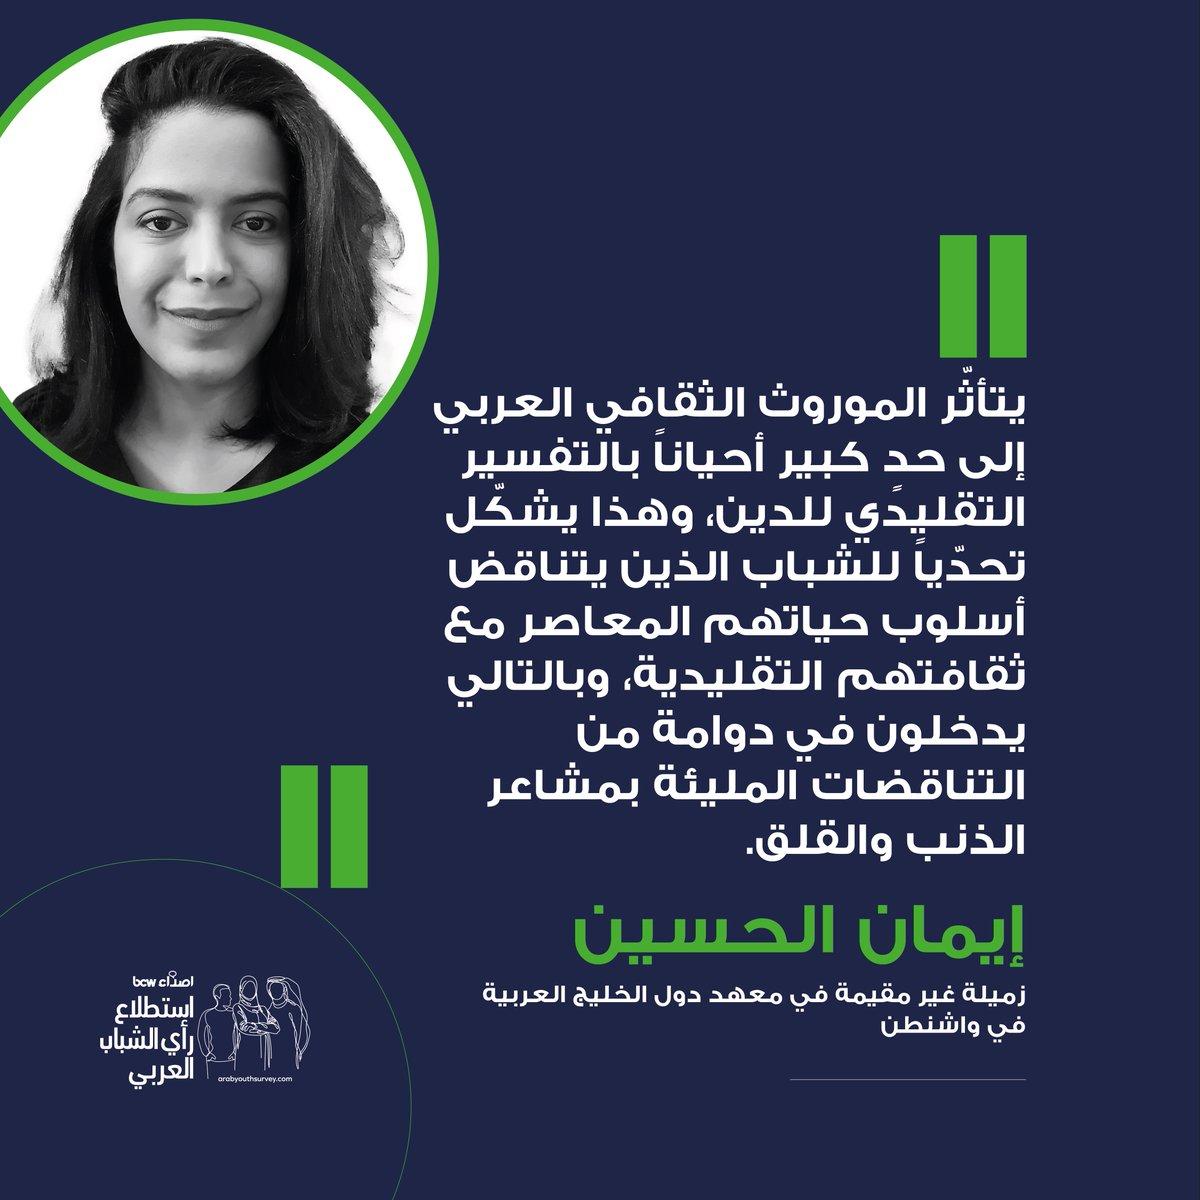 إيمان الحسين زميلة غير مقيمة في معهد @GulfStatesInst، وتشمل مجالات اهتمامها البحثي مواضيع الهوية والانتماء الوطني. تشارك إيمان أفكارها حول كيفية تعامل الشباب العربي مع التعريف جوهر هويتهم. للمزيد: bit.ly/2STRioQ #استطلاع_رأي_الشباب_العربي @EmanMAlhussein